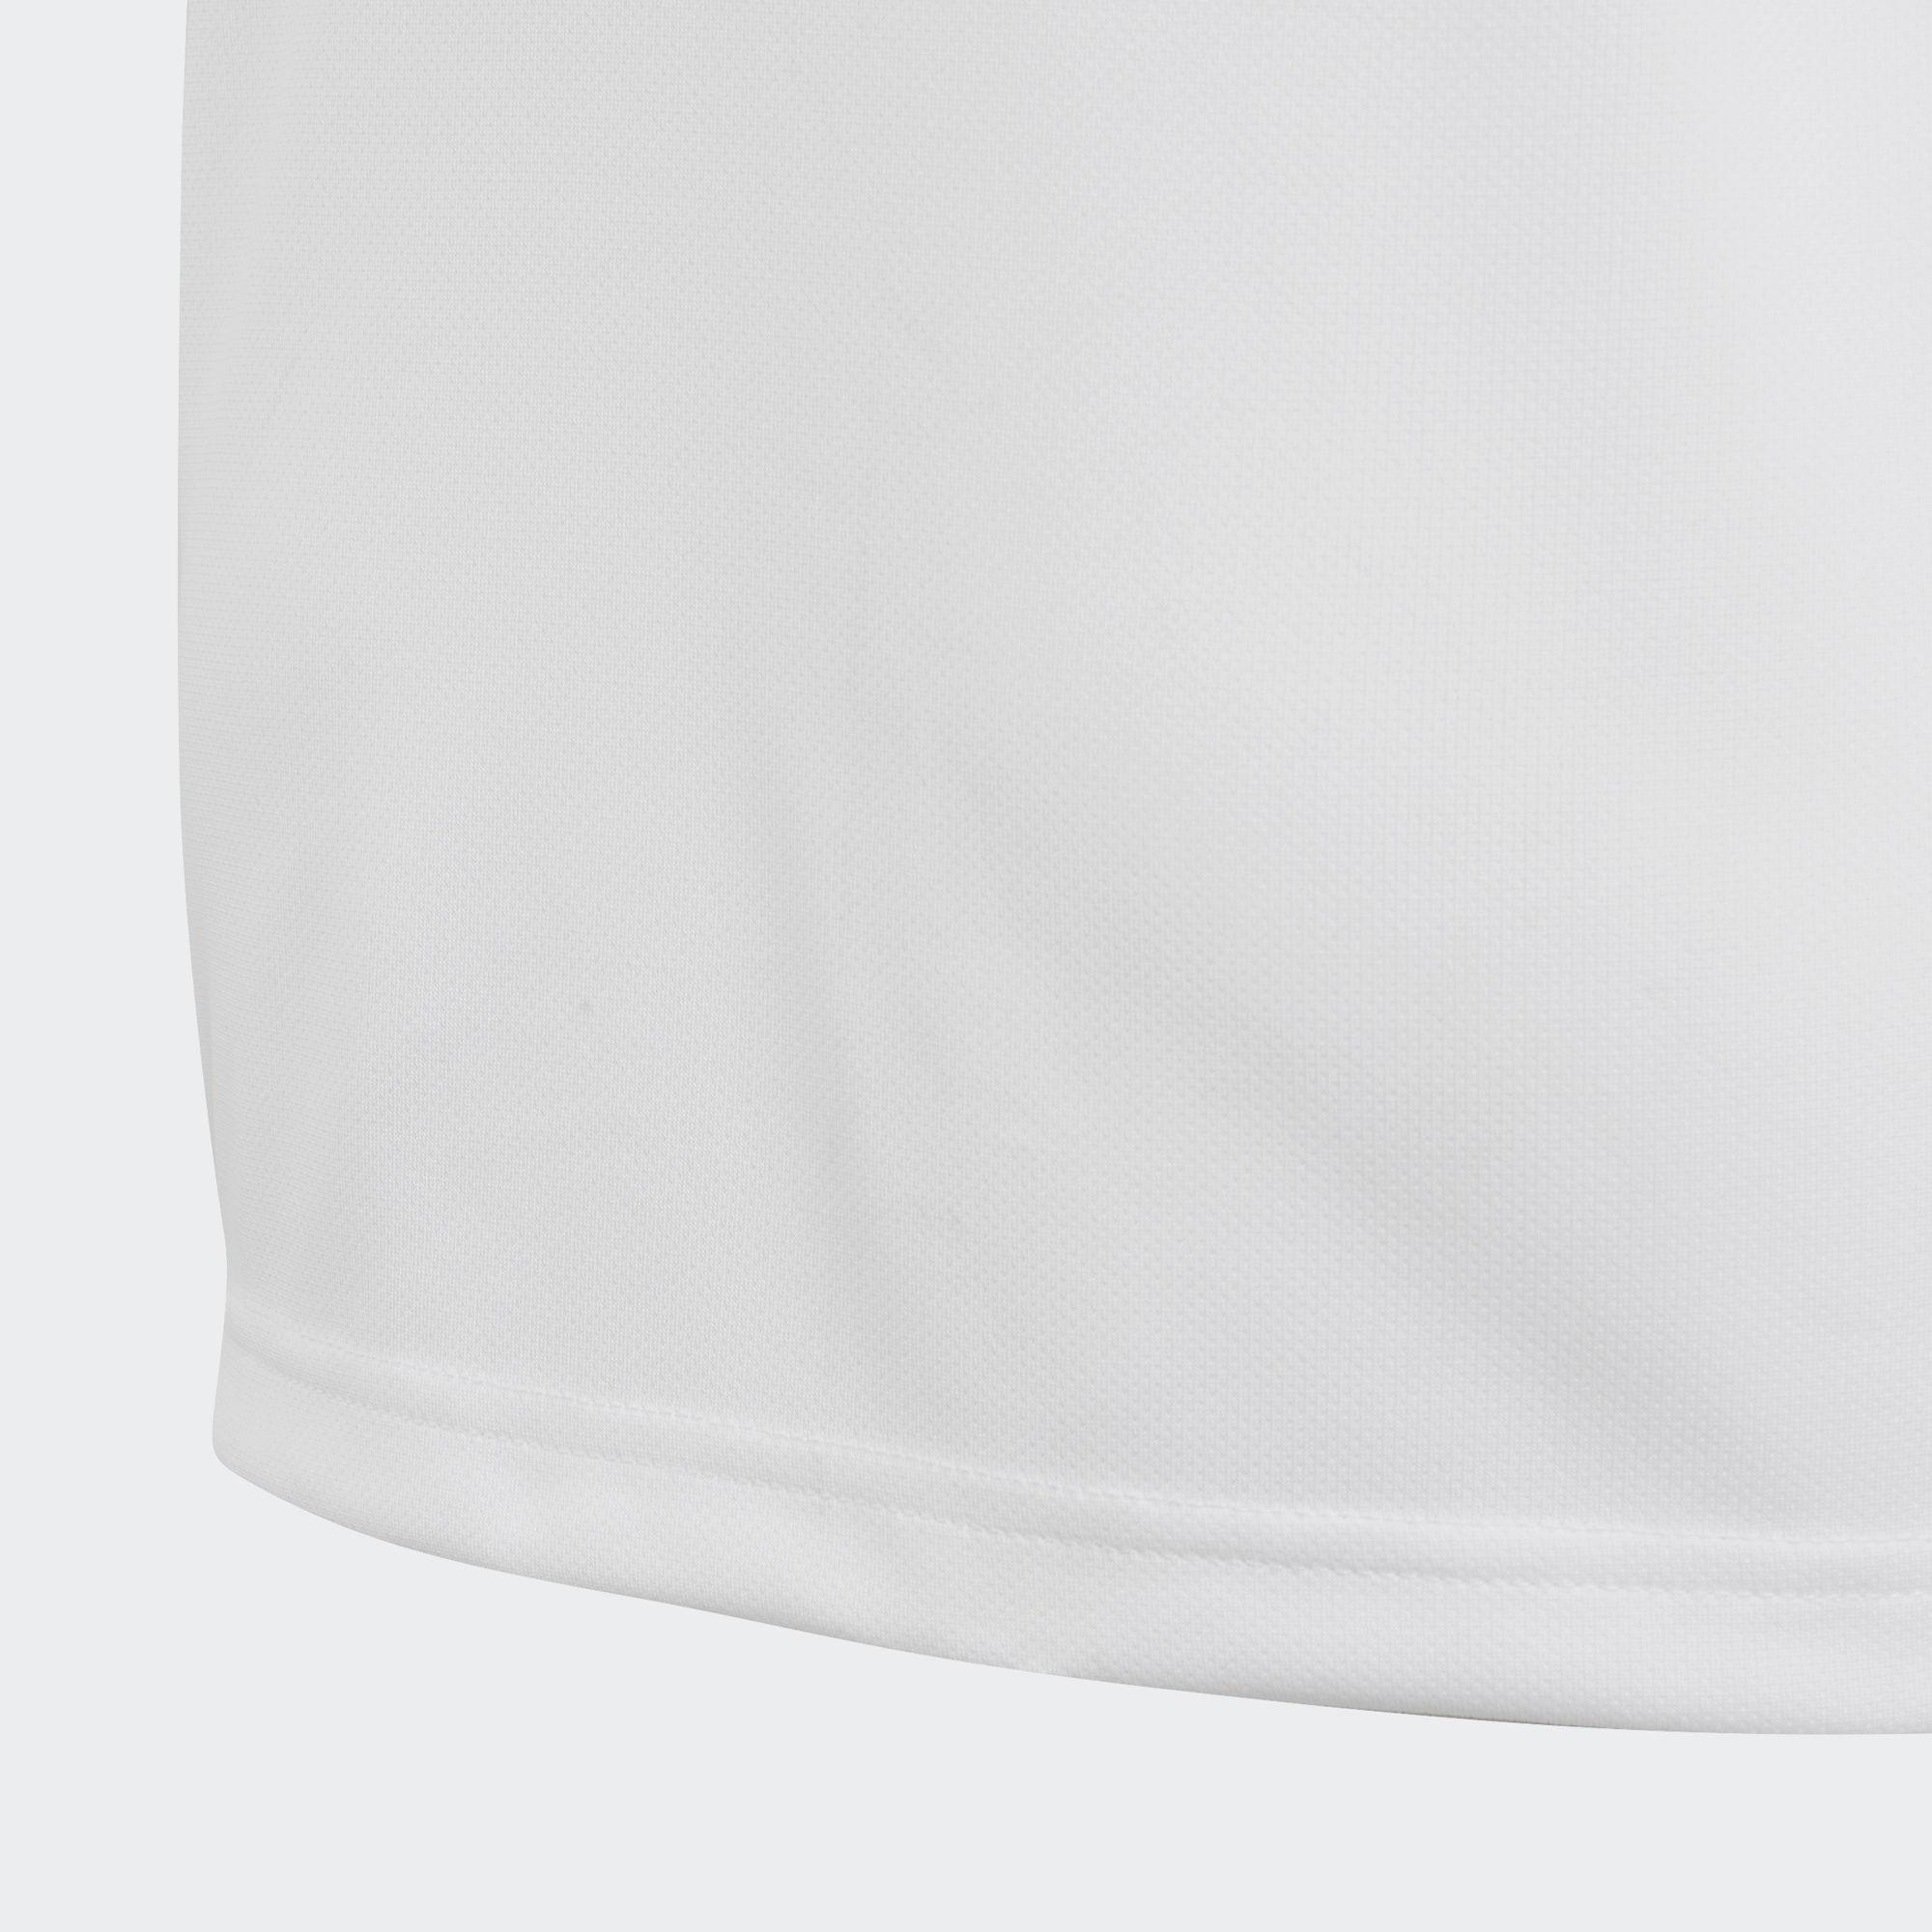 super popular da726 ef671 Adidas Boys 3-Stripes Club Tee - White